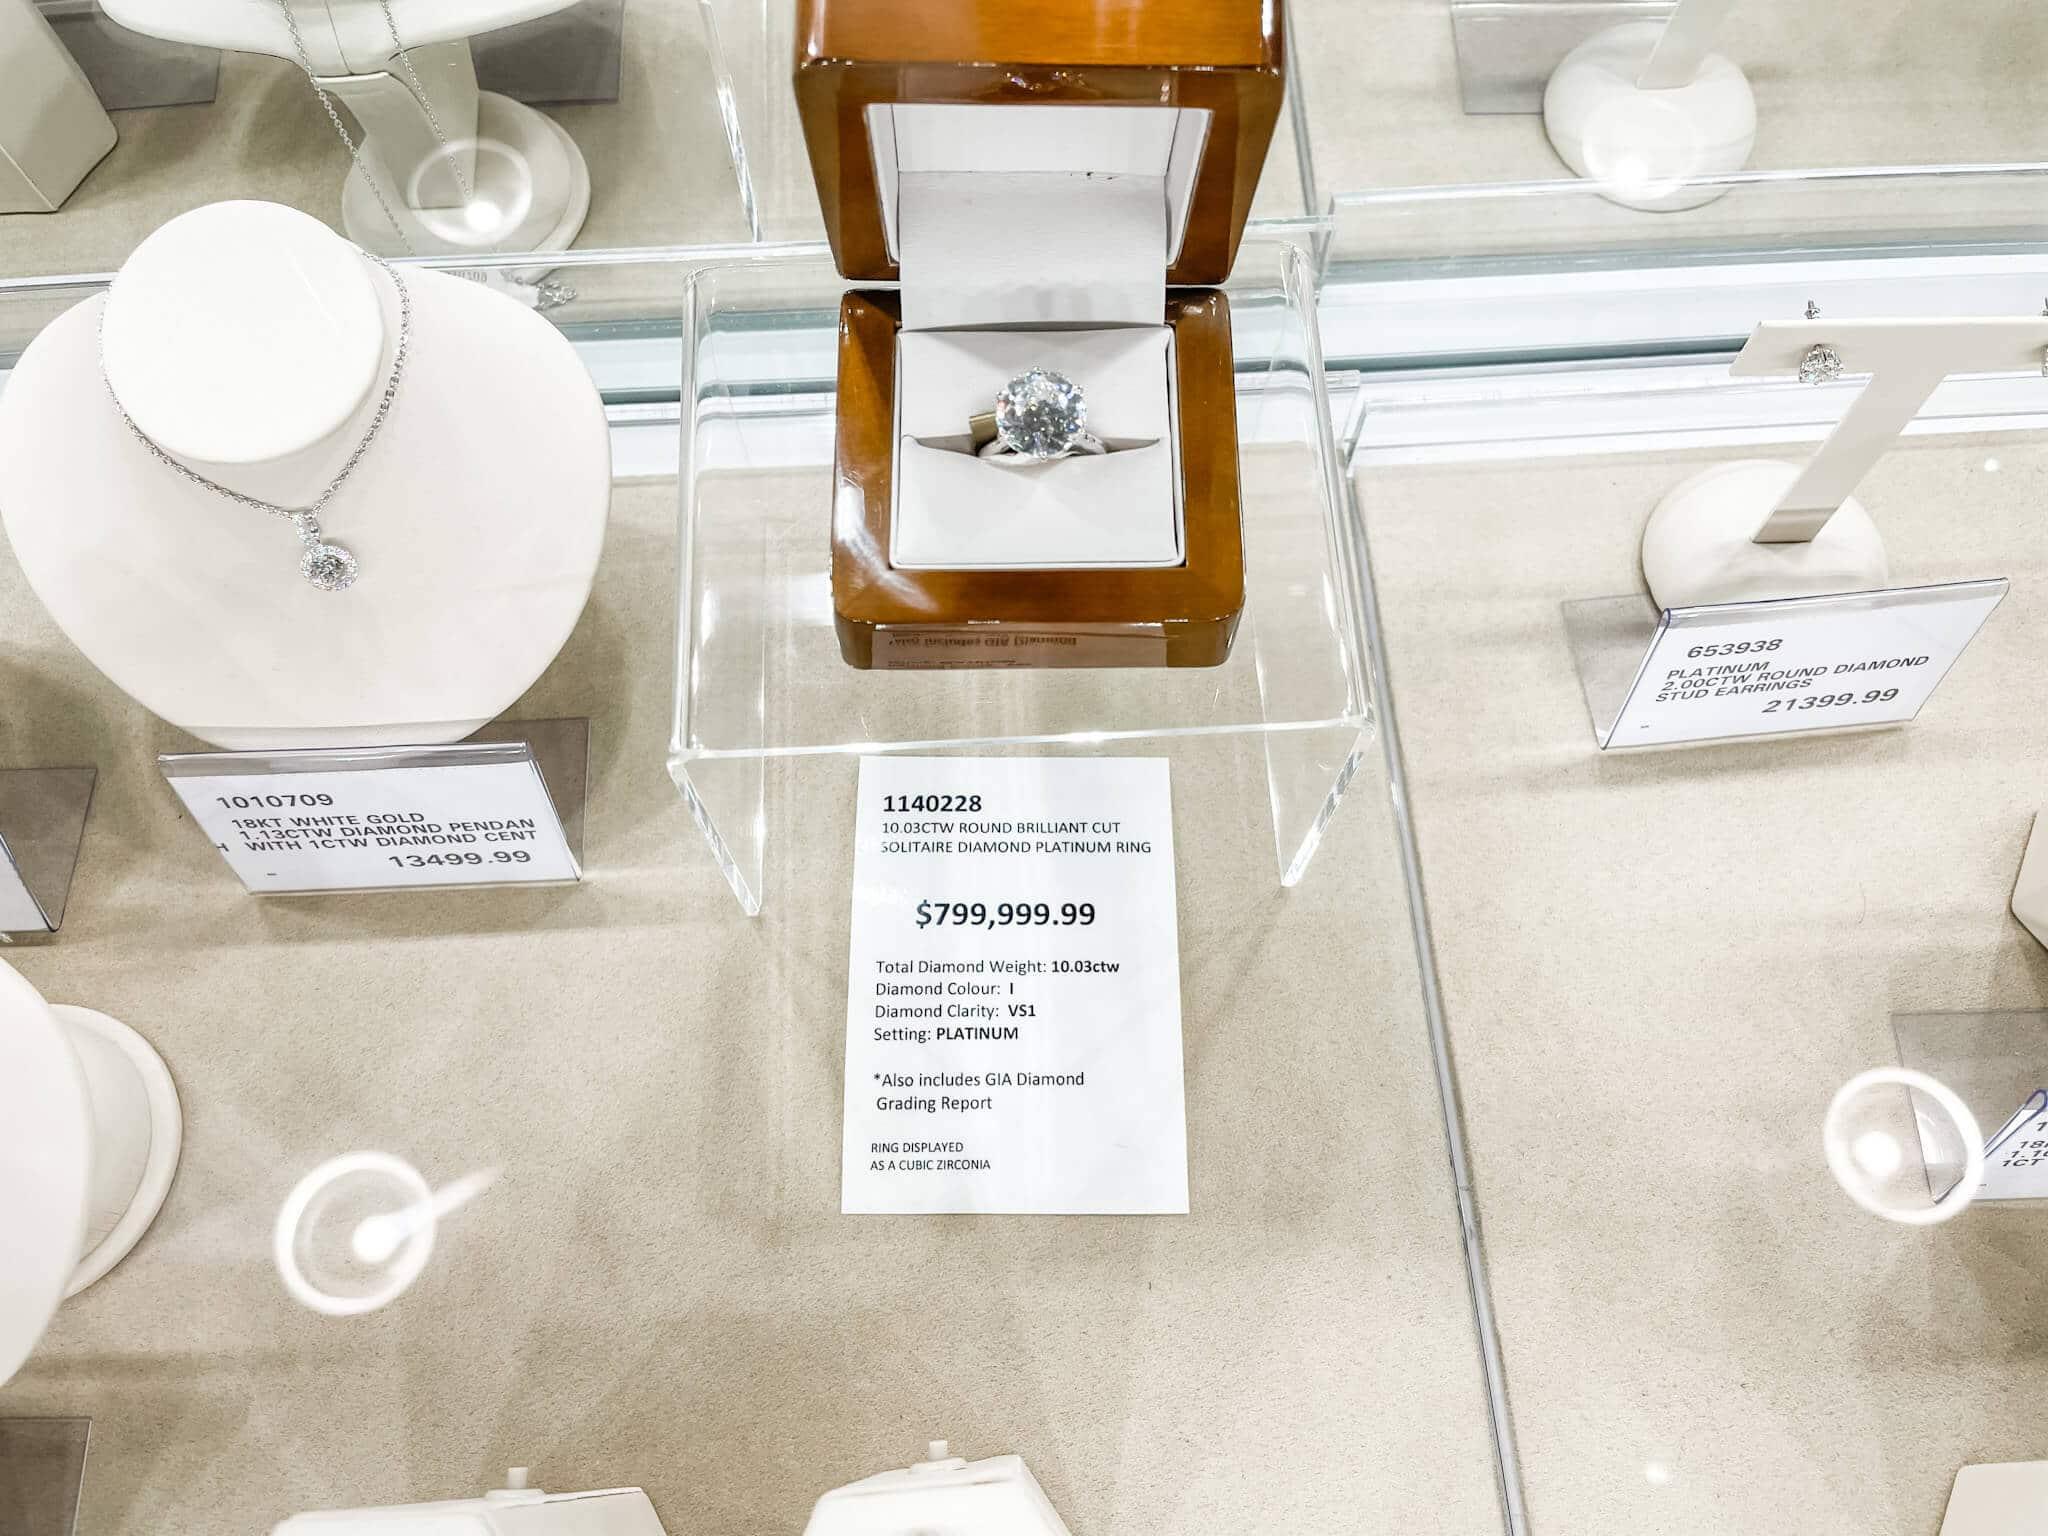 Costco Perth $800k ring